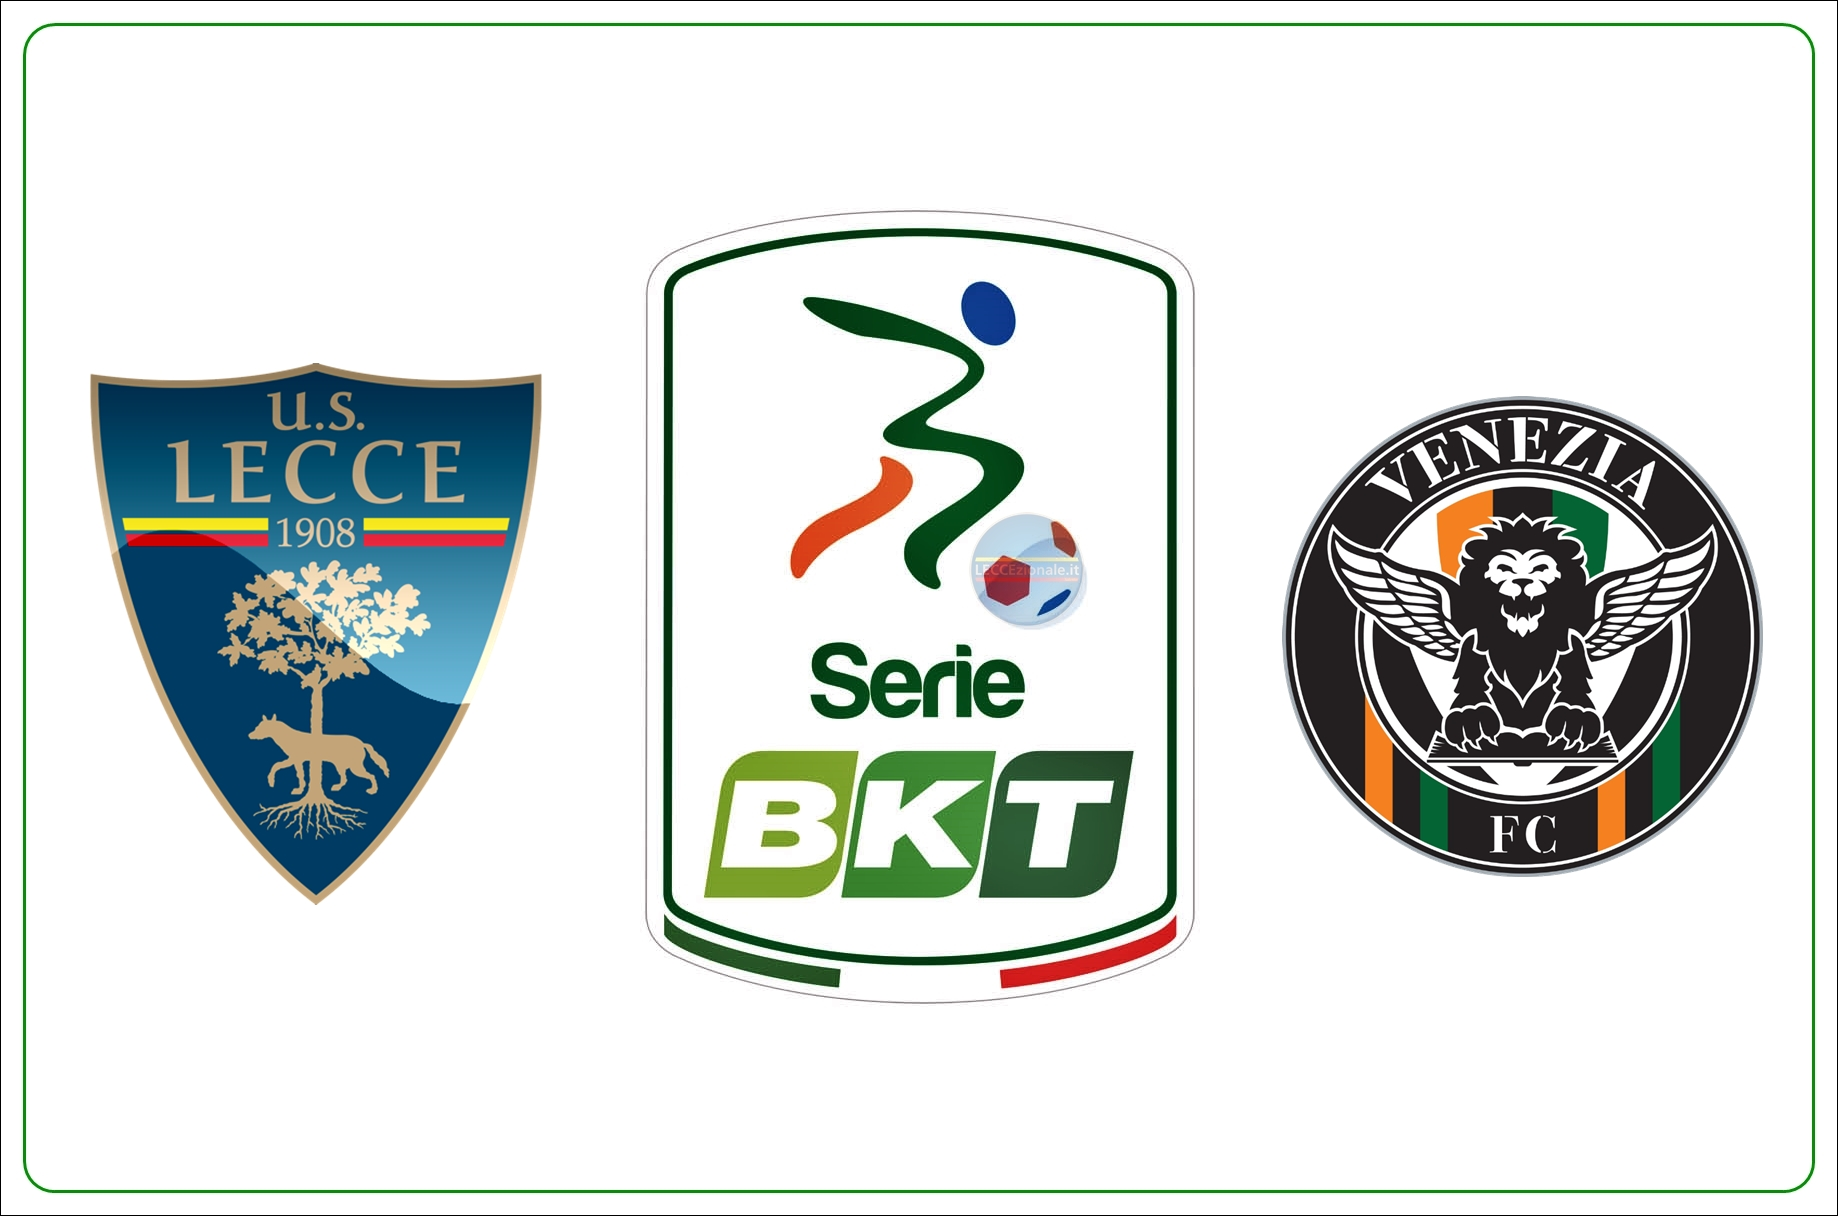 Lecce - Venezia 1 a 1 - termina il cammino dei giallorossi alle semifinali play off 2021